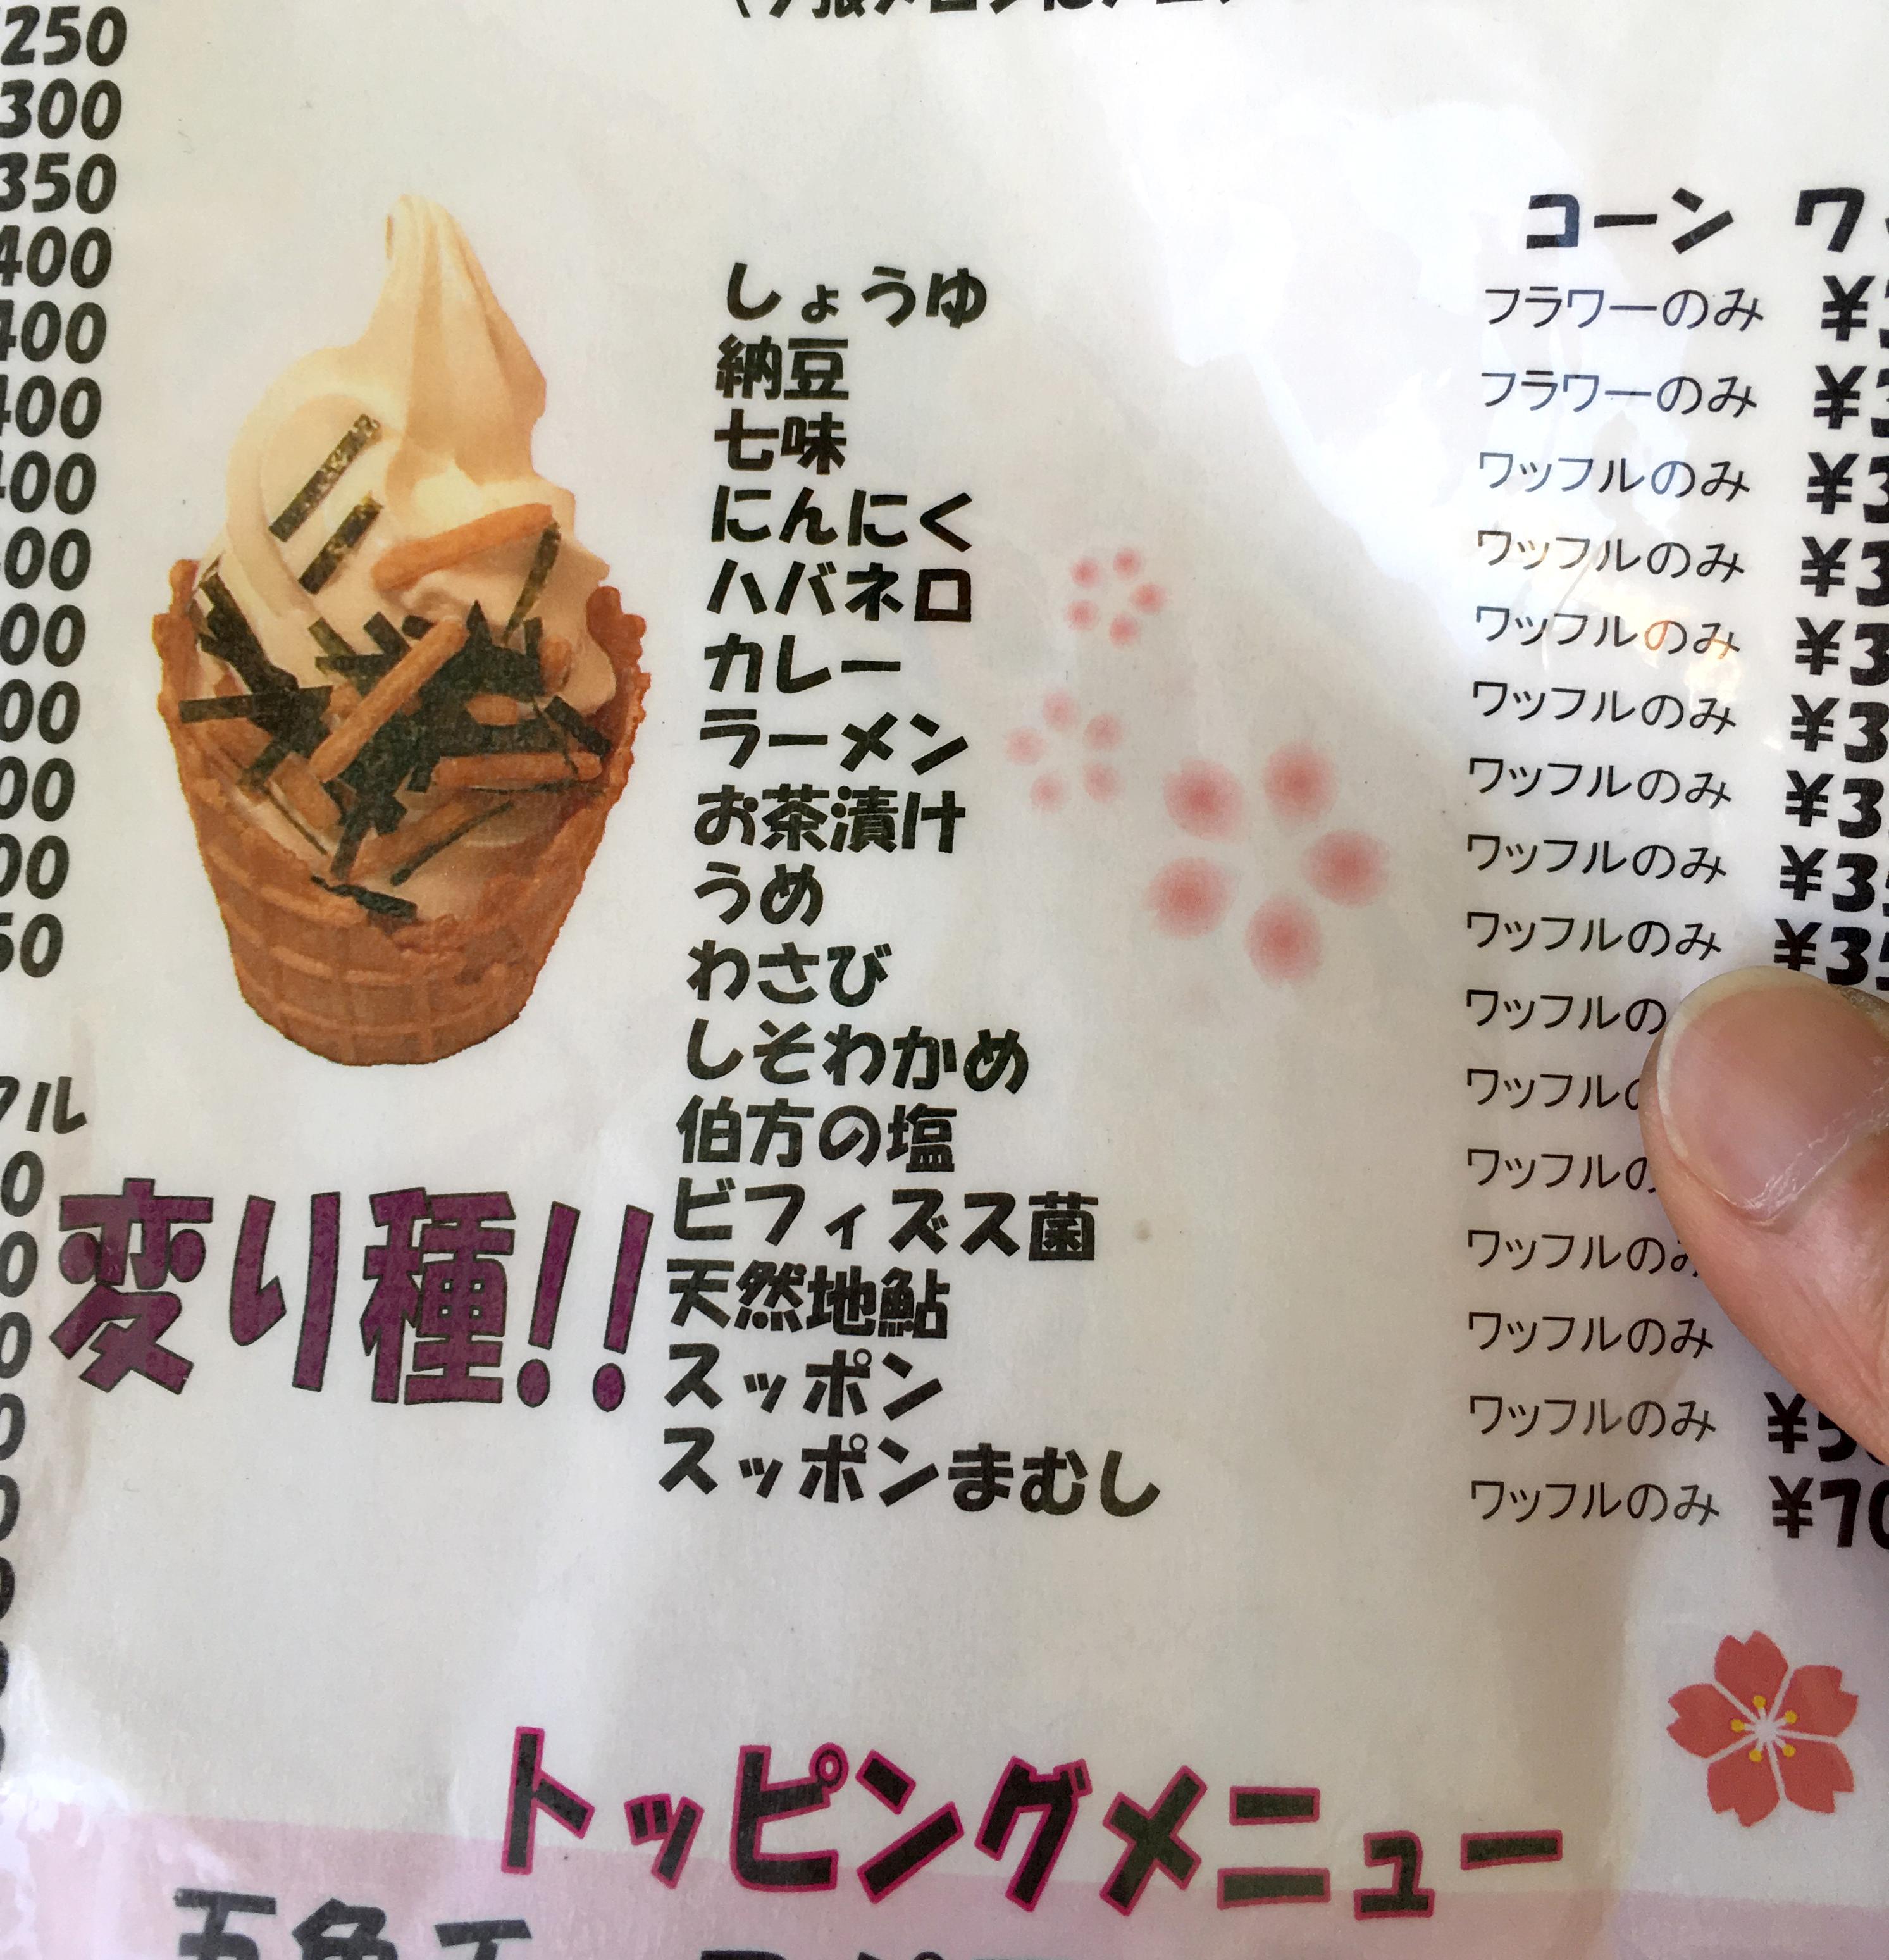 kmusashi8